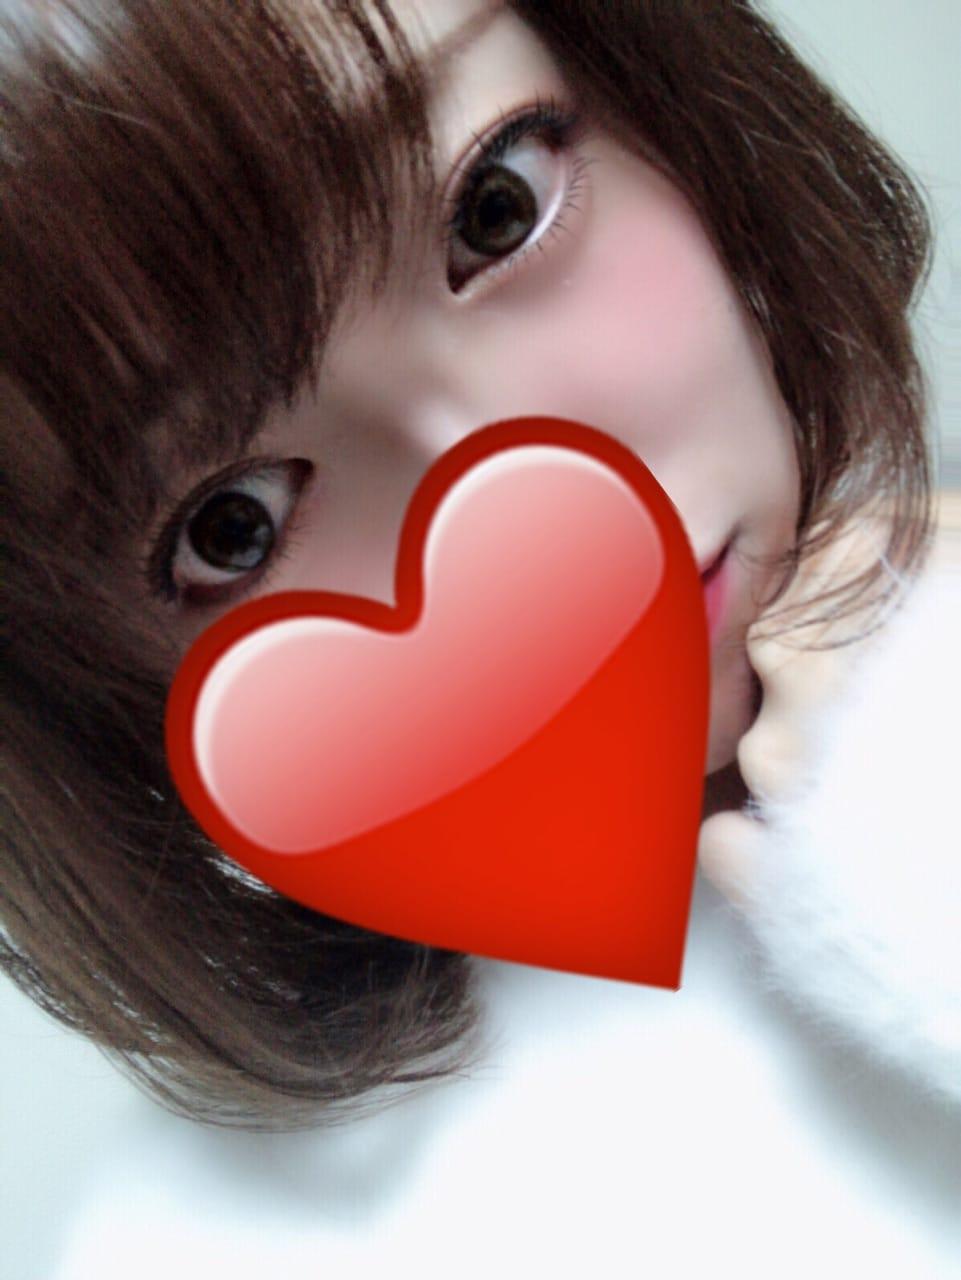 「お礼(*´꒳`*)」02/17(02/17) 05:46 | きのぴおの写メ・風俗動画